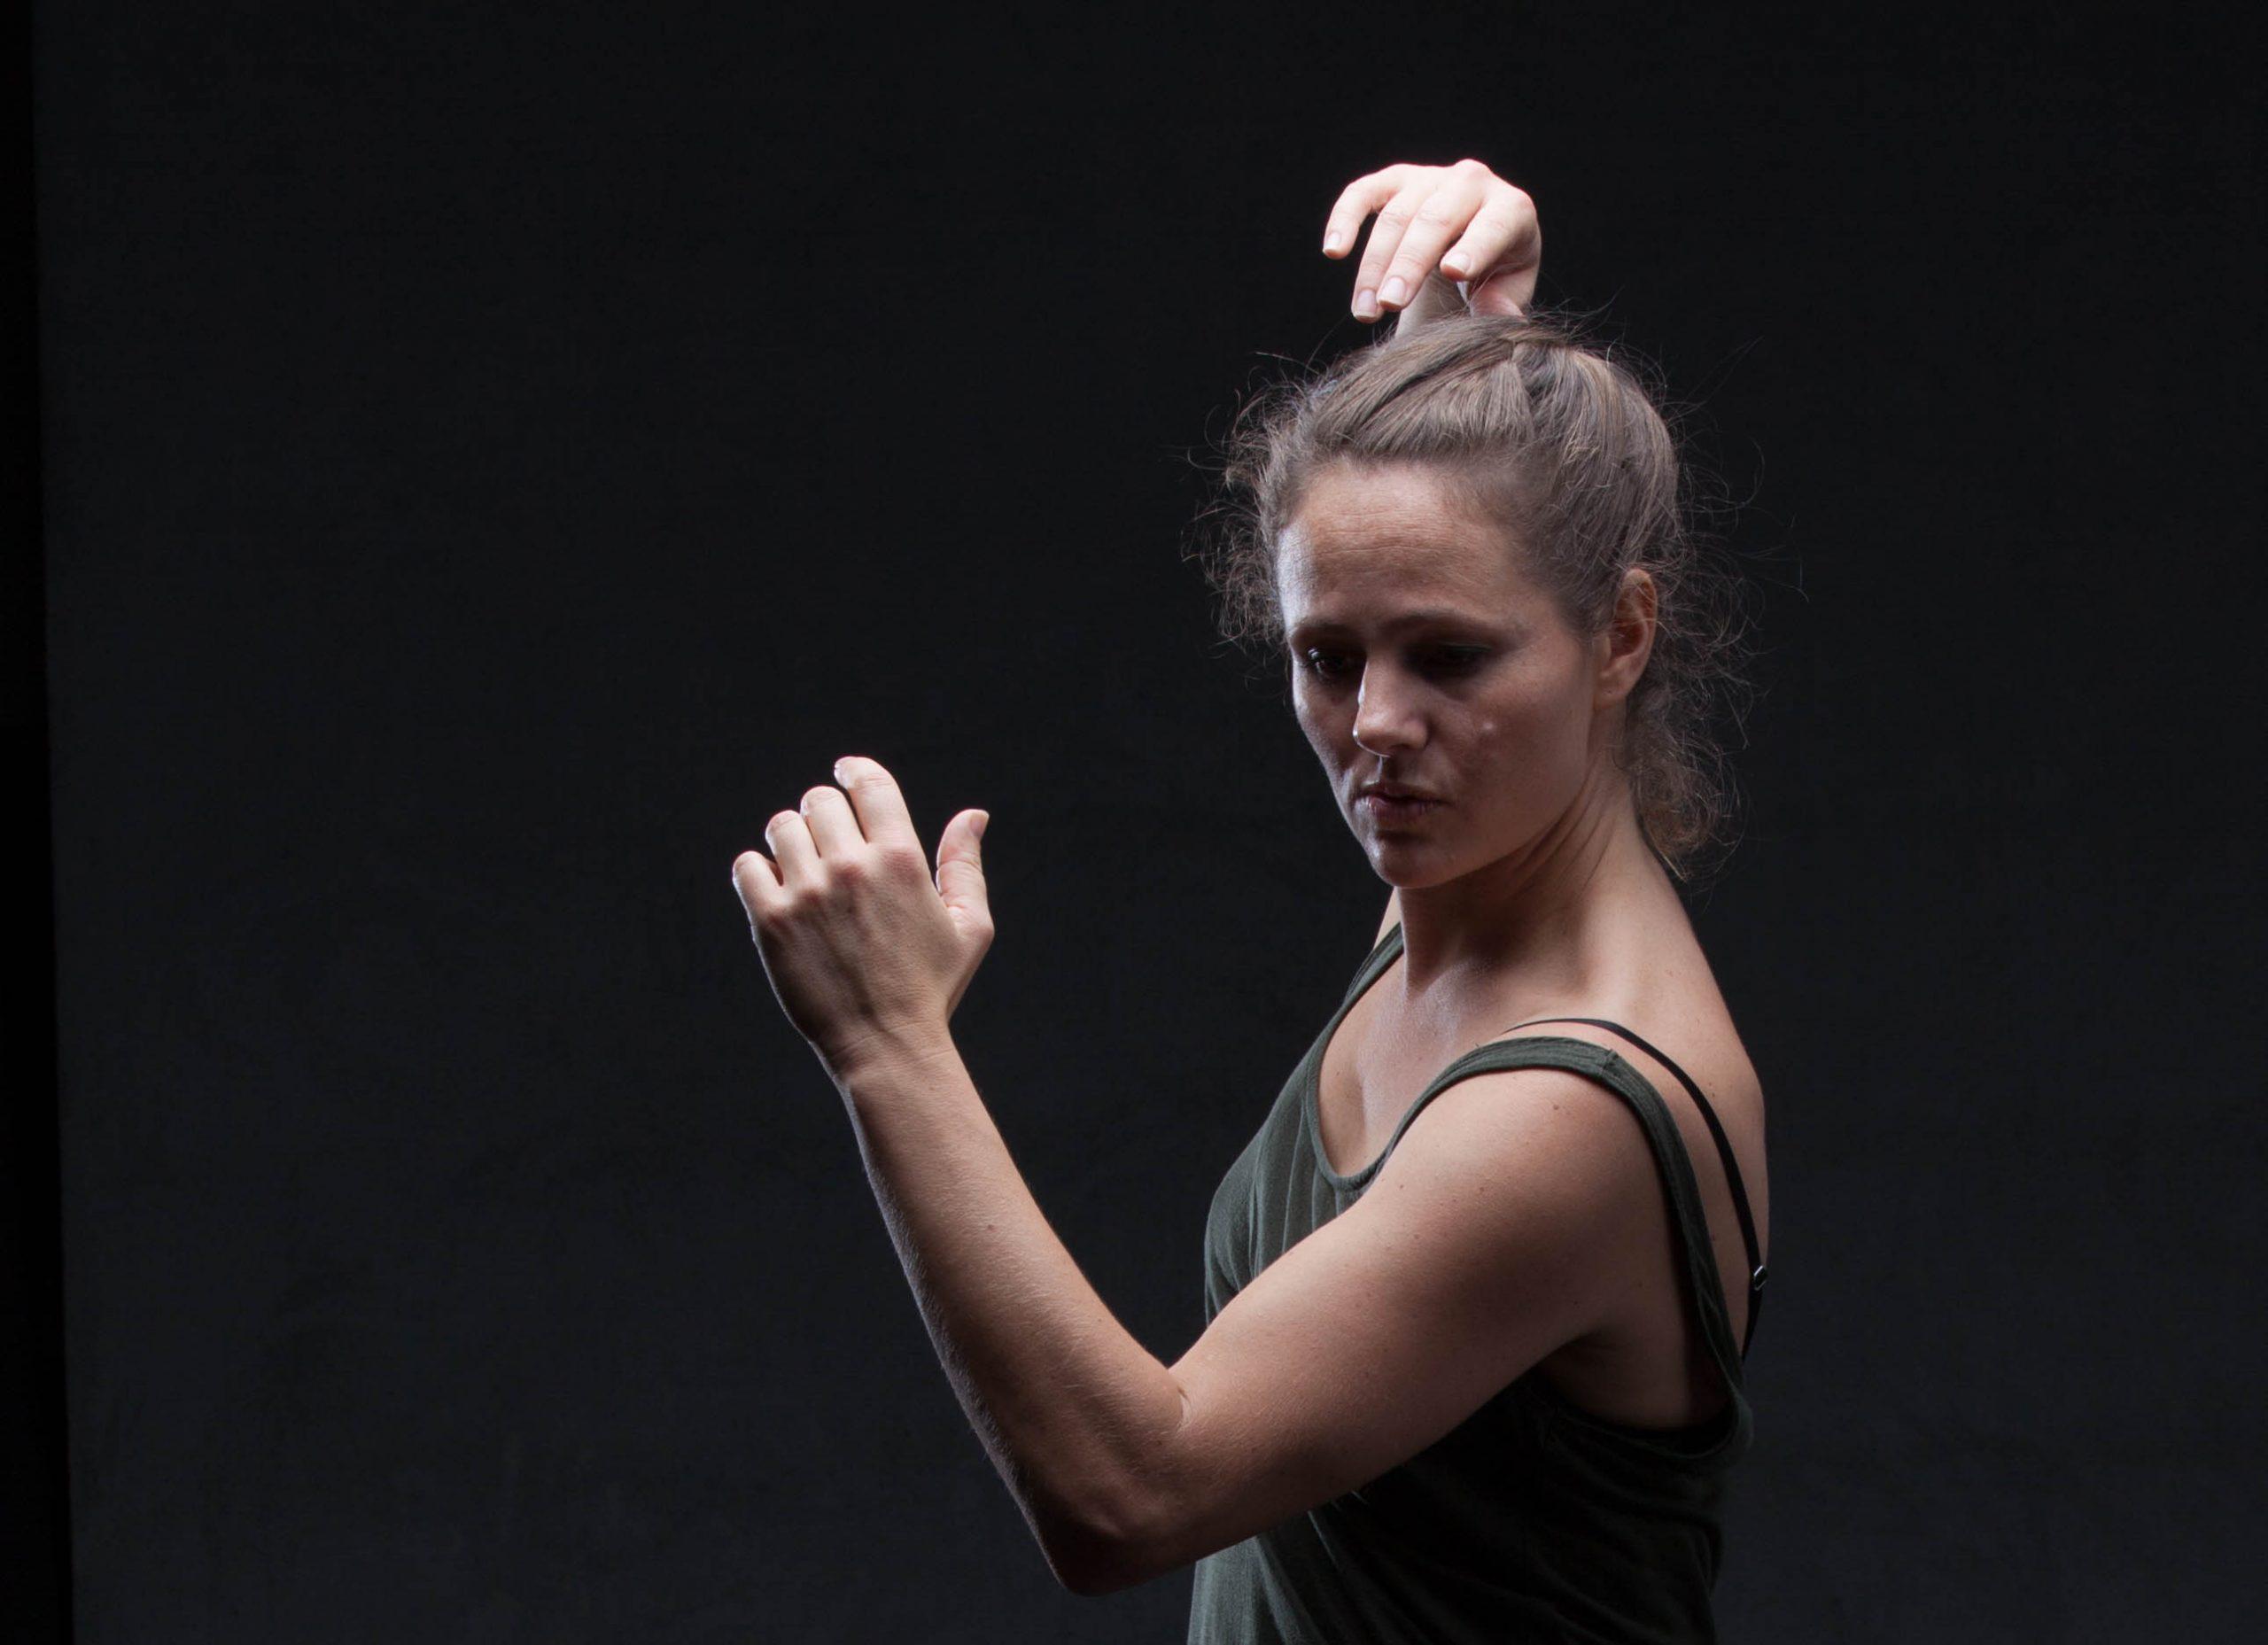 Annette Brandanger - Constant Movement